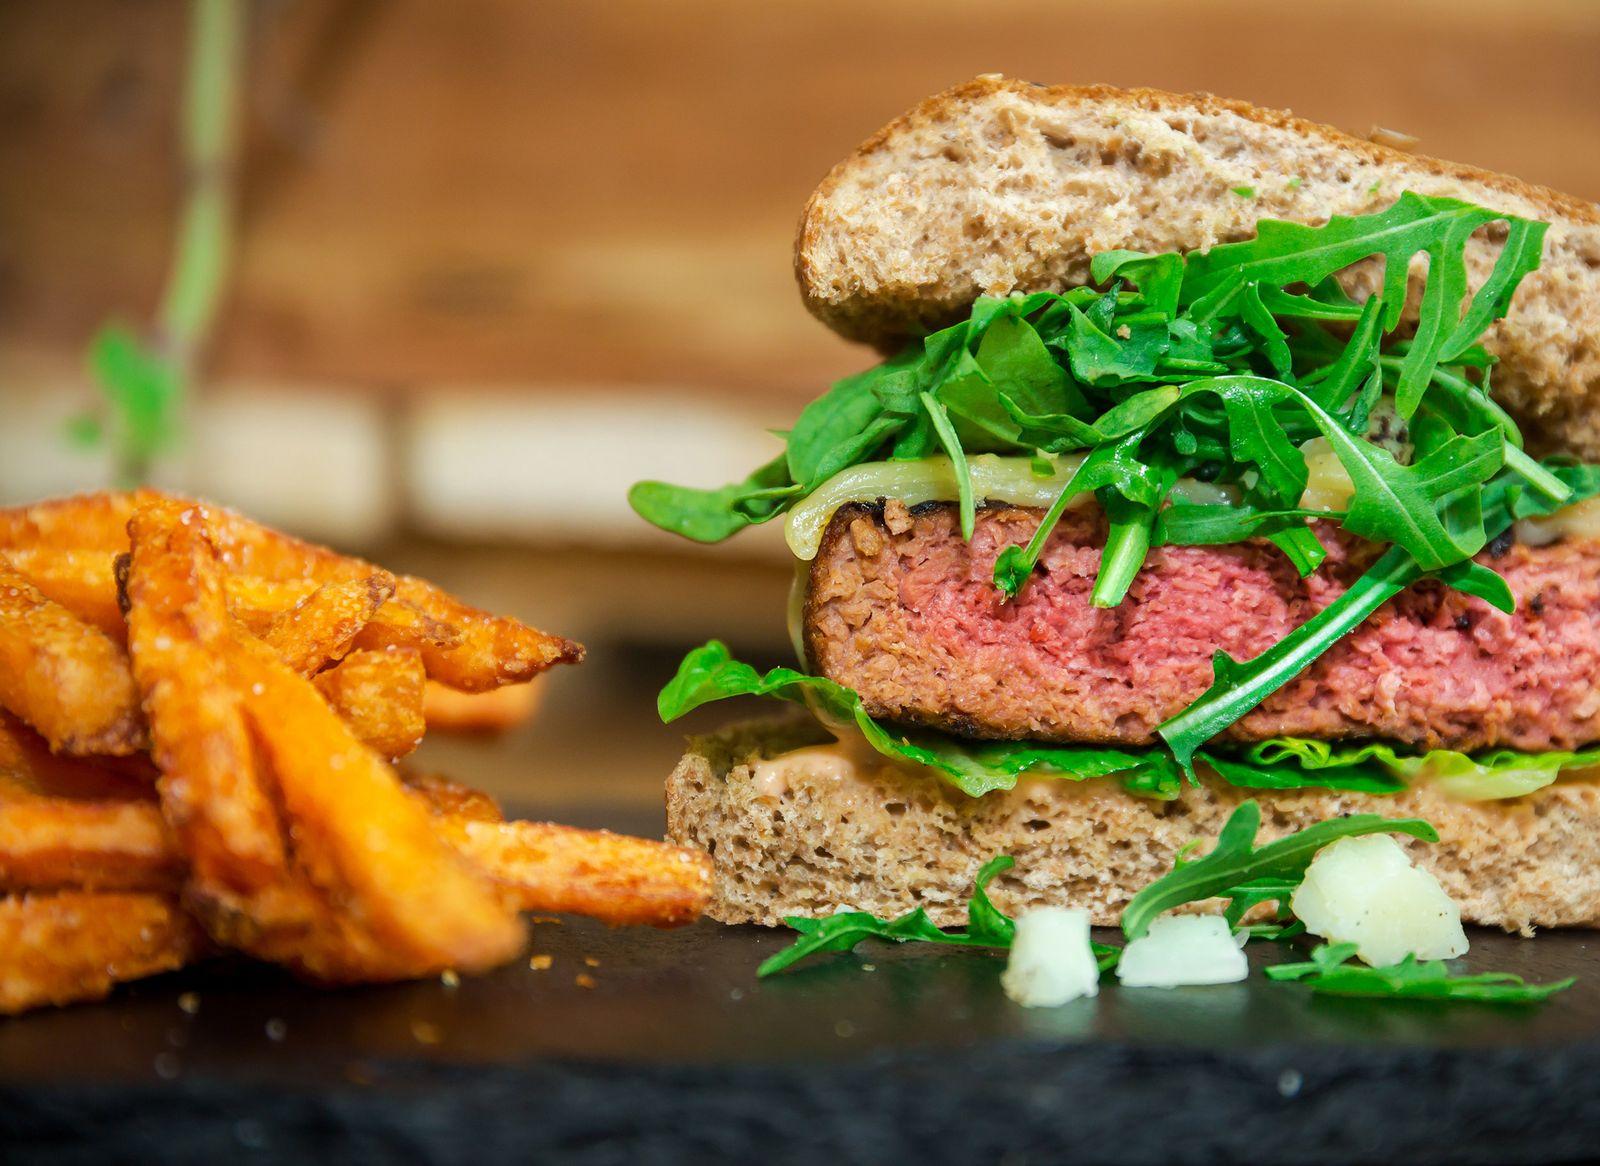 Authentischer Patty für Burger-Liebhaber ist rein pflanzlich